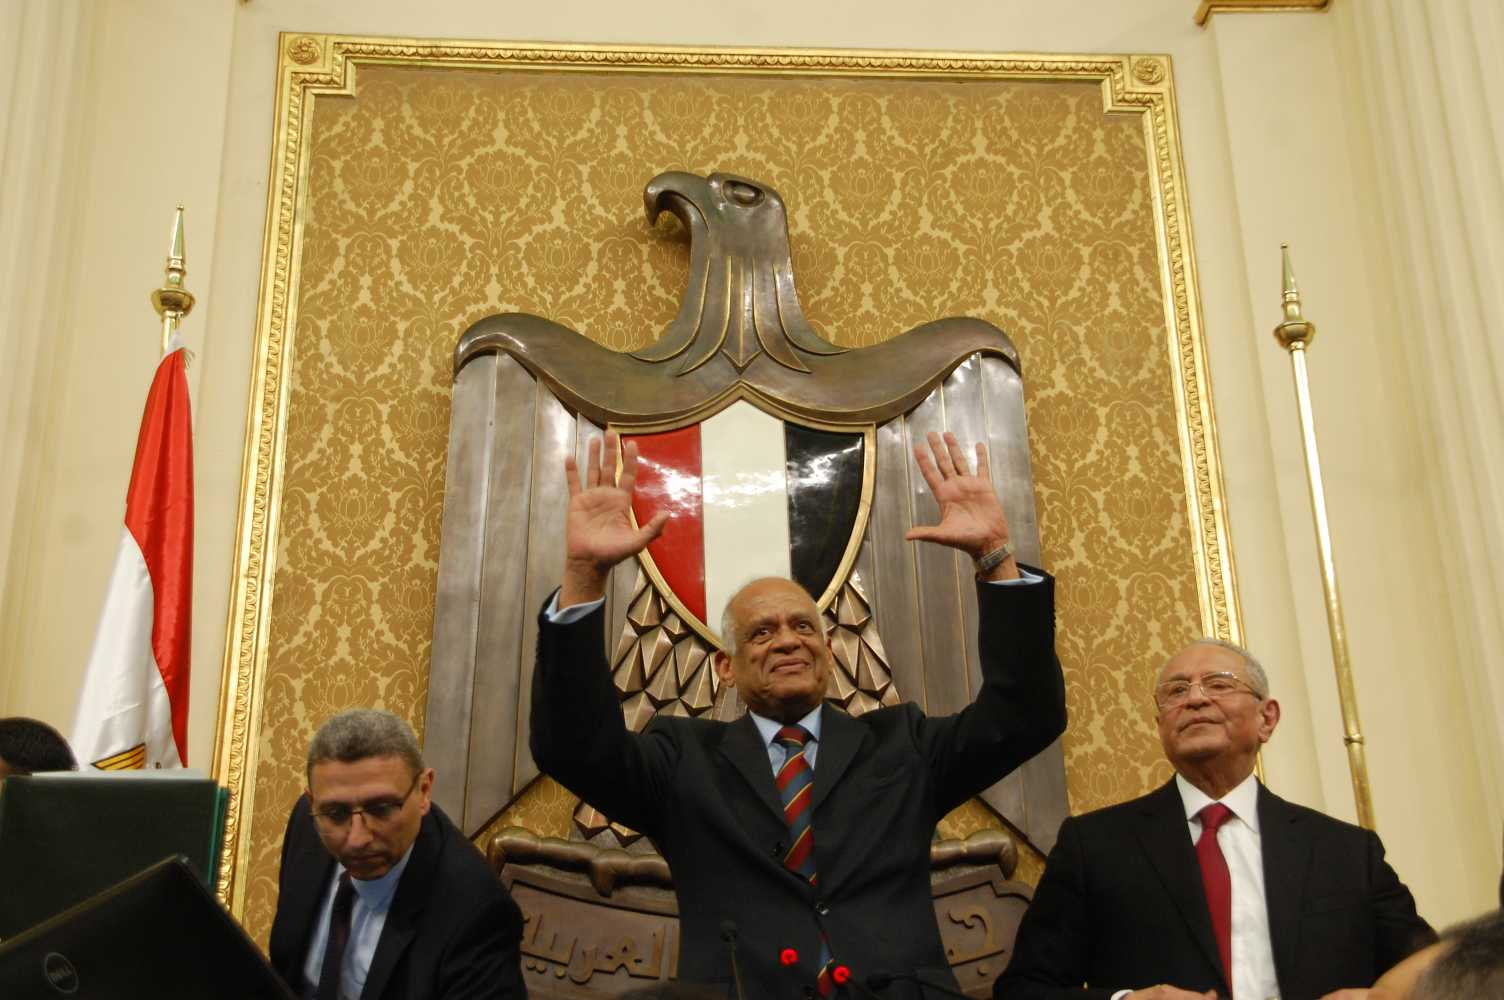 علي عبد العال رئيس مجلس النواب - أصوات مصرية